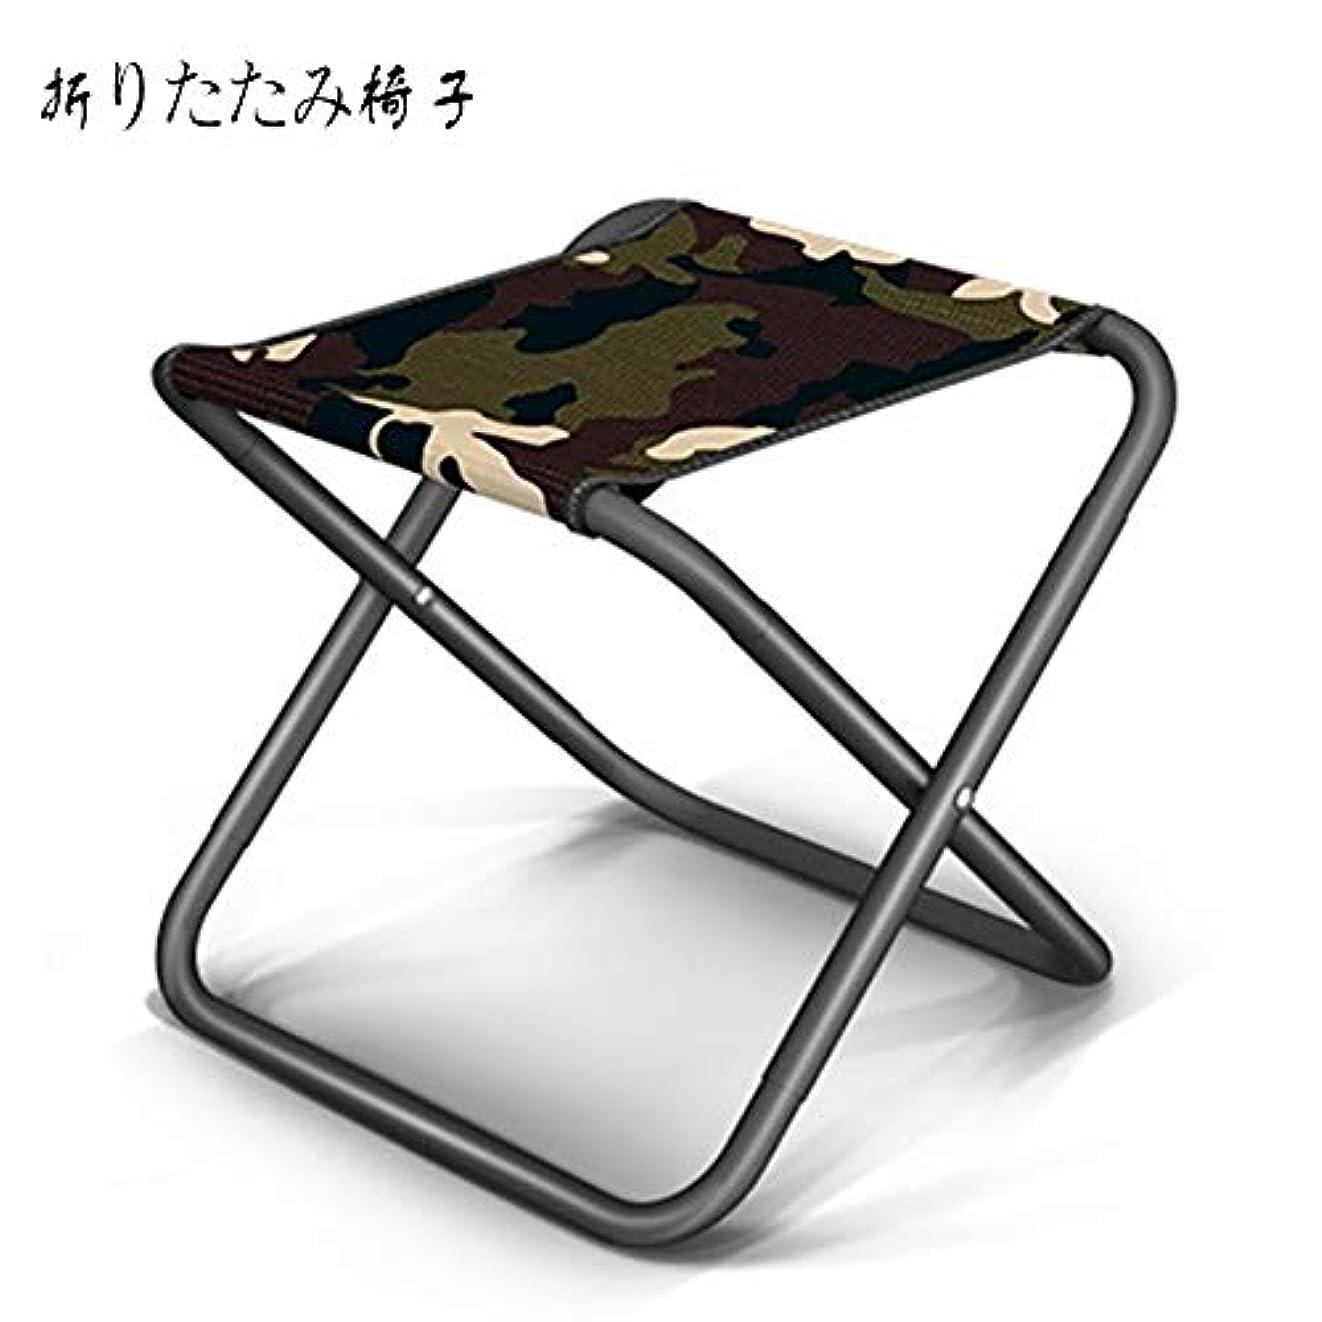 引用一般的に五折りたたみ椅子 lifetime アウトドアチェア 超軽量 コンパクト イス 持ち運びに便利 簡単に収納 組み立て 収納バッグ付き お釣り 登山 キャンプ用 耐荷重100kg サイズ:28*31*28CM